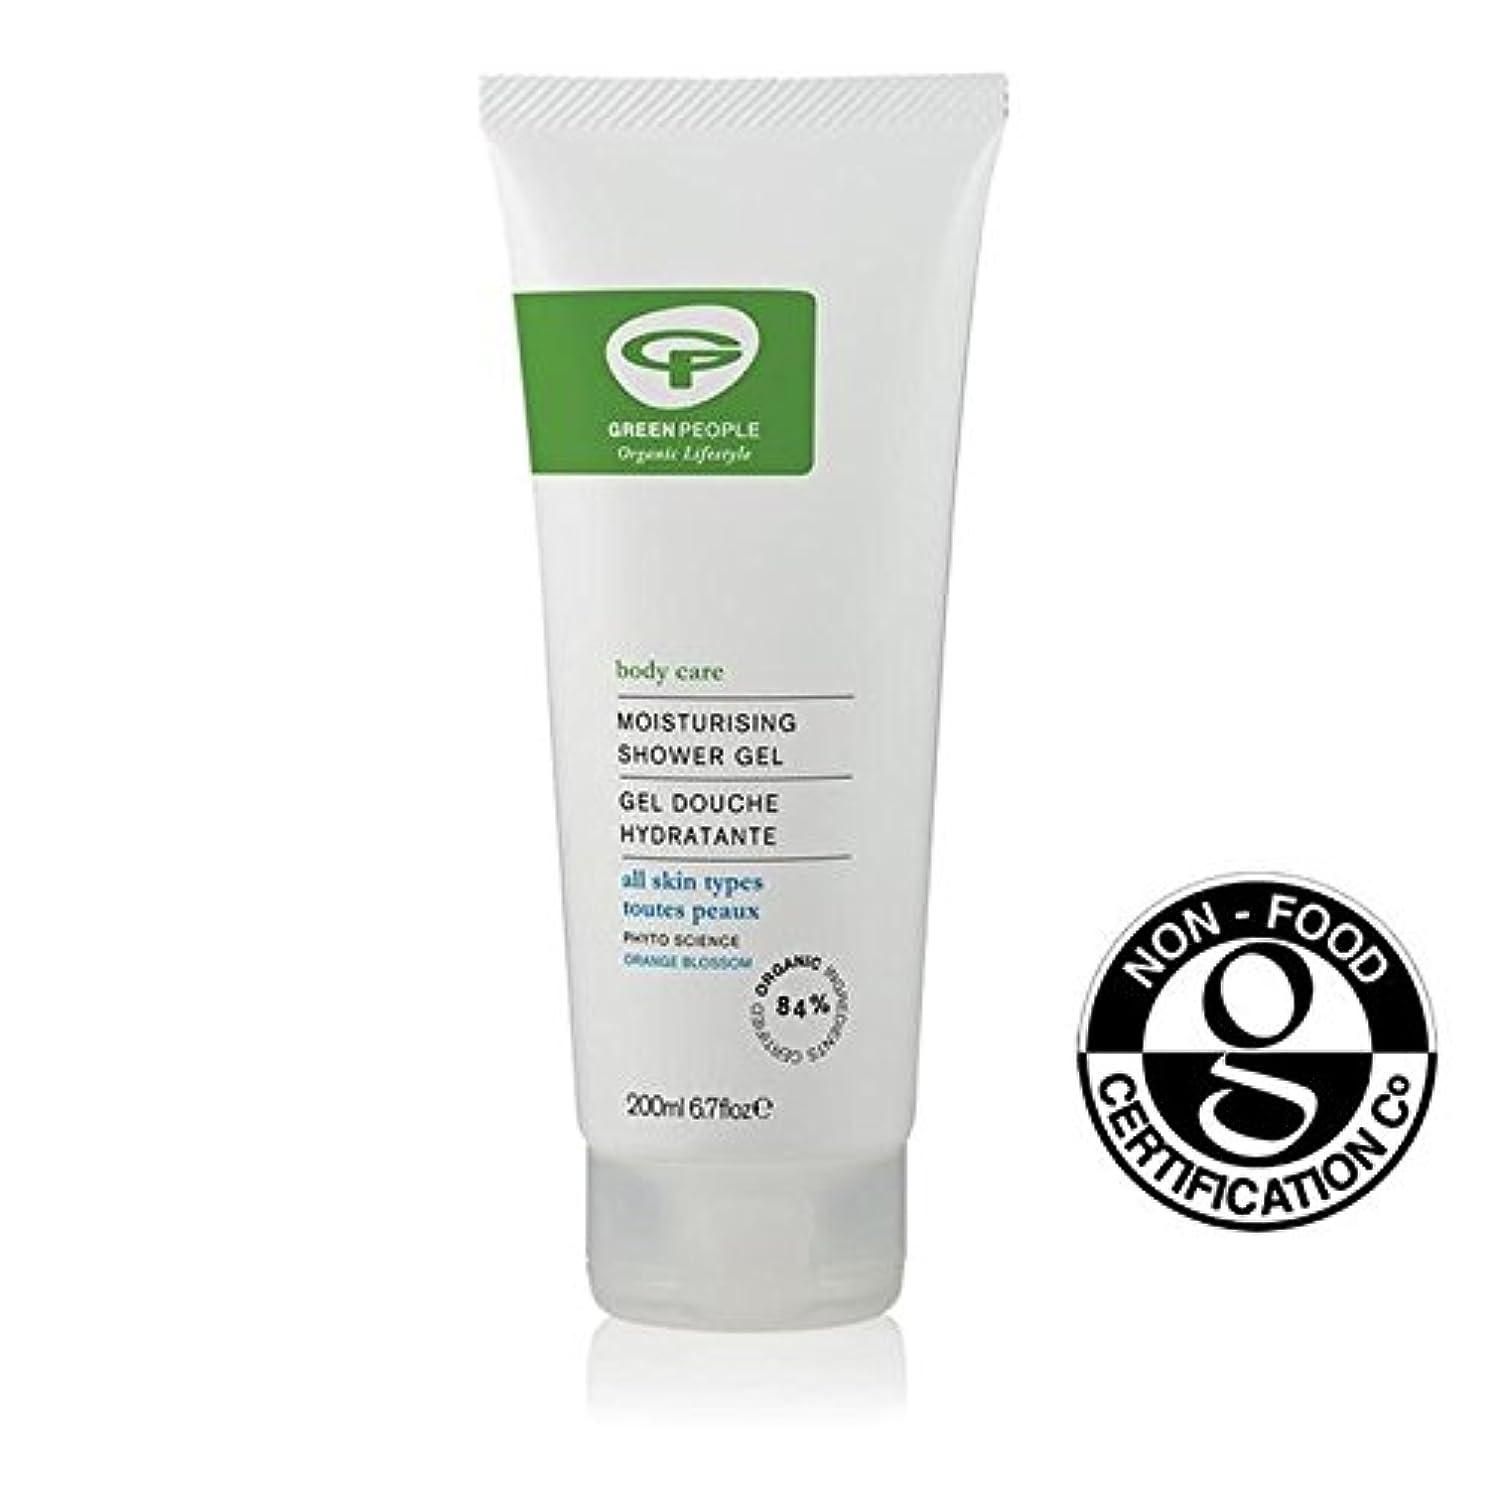 彼らの前文接触緑の人々の有機保湿シャワージェル200 x2 - Green People Organic Moisturising Shower Gel 200ml (Pack of 2) [並行輸入品]